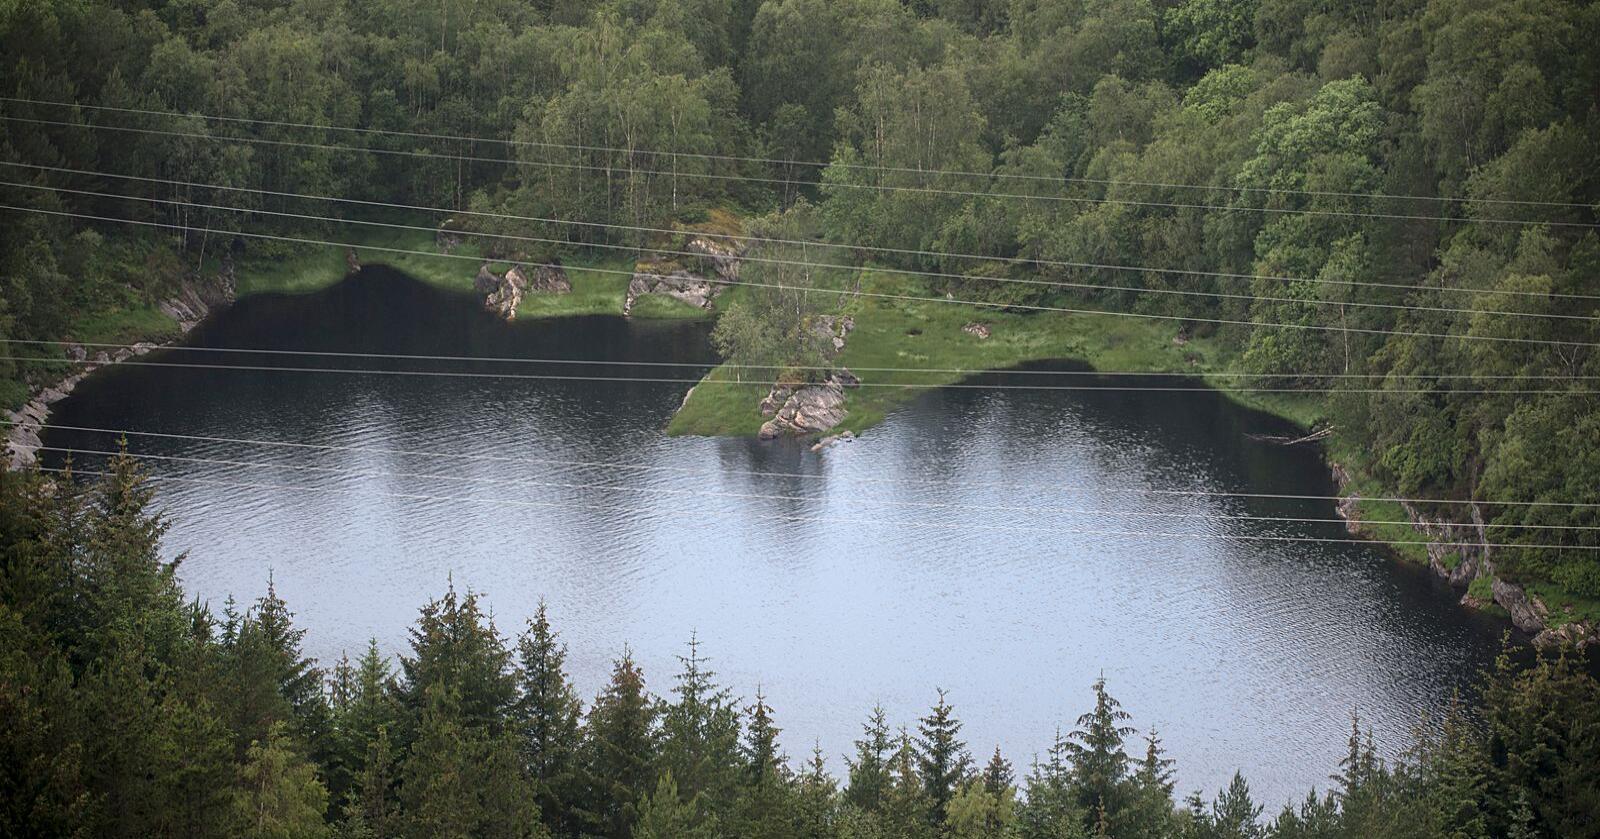 Stort sett trygt vann: Men her ved Kleppe vannverk på Askøy gikk det galt i 2019. Bakterier gjorde omlag 2000 syke. Foto: Marit Hommedal / NTB